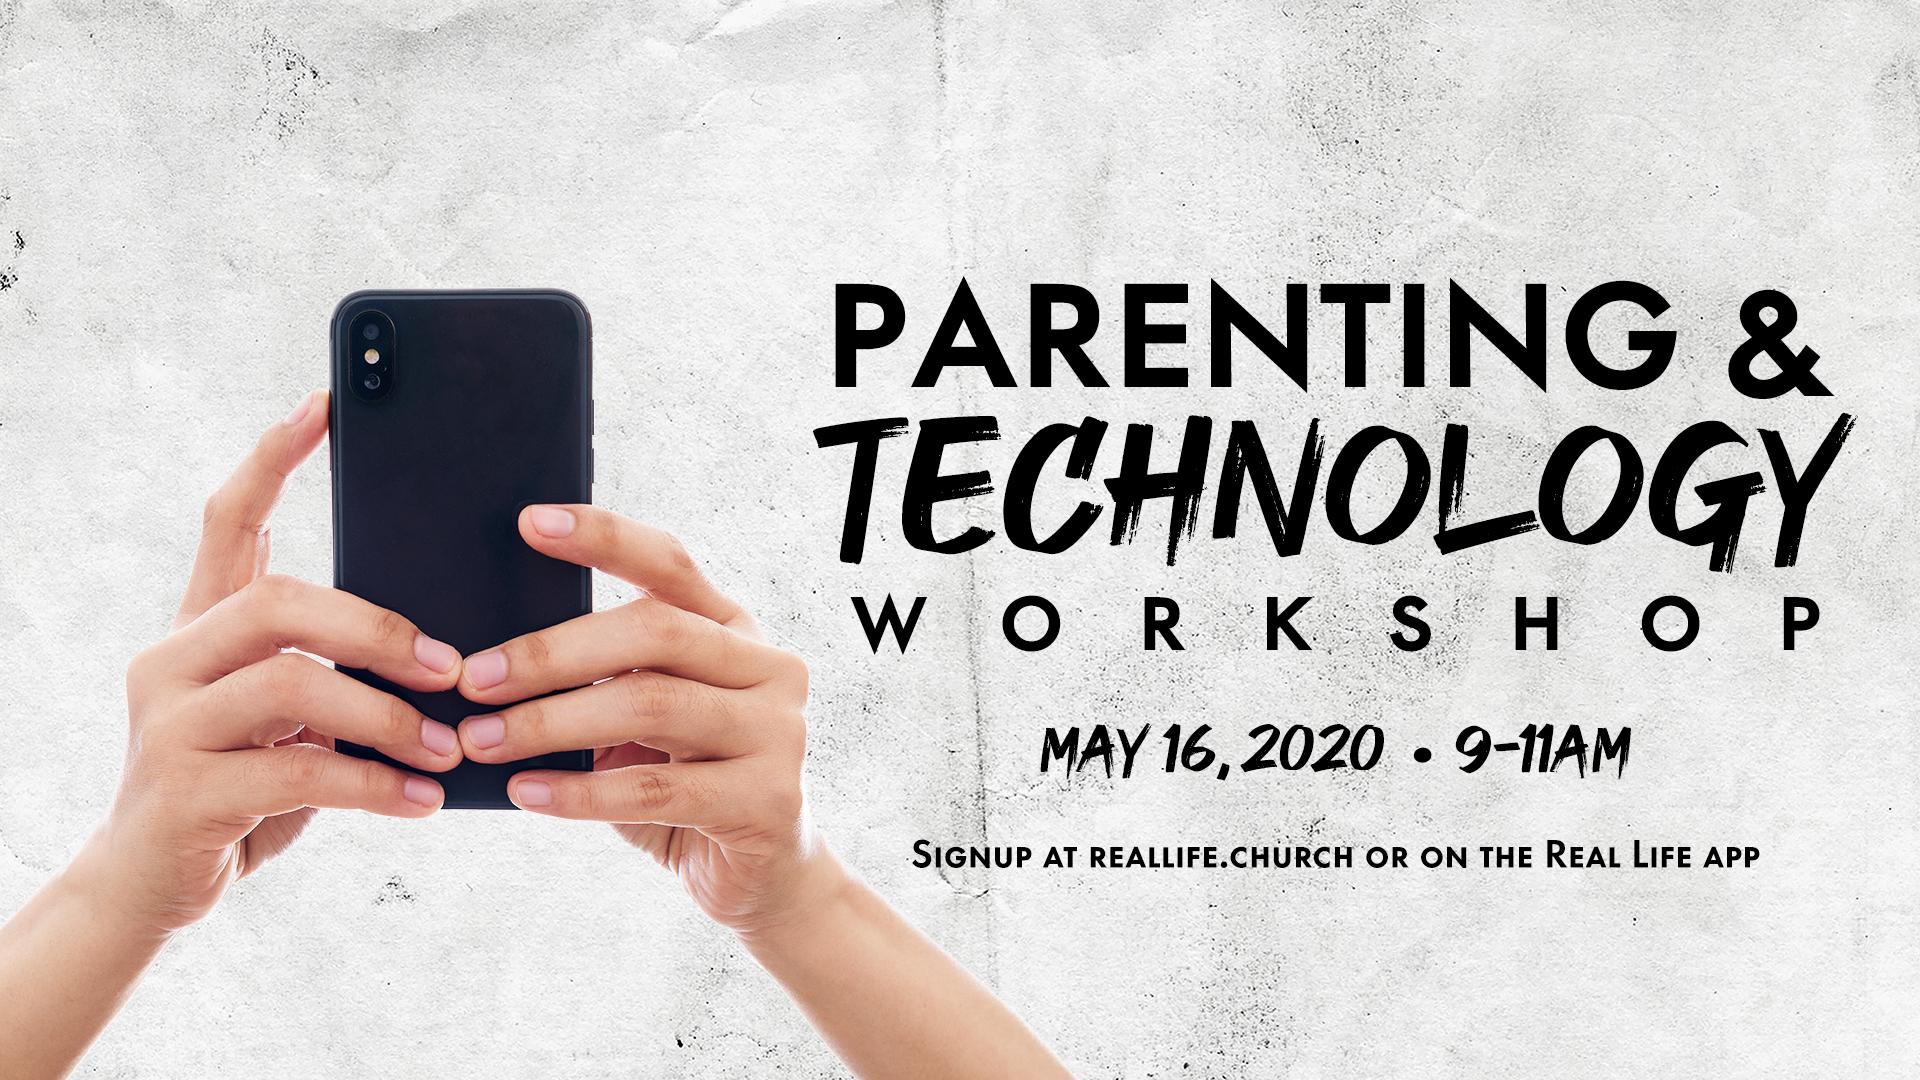 Parenting & Technology Workshop